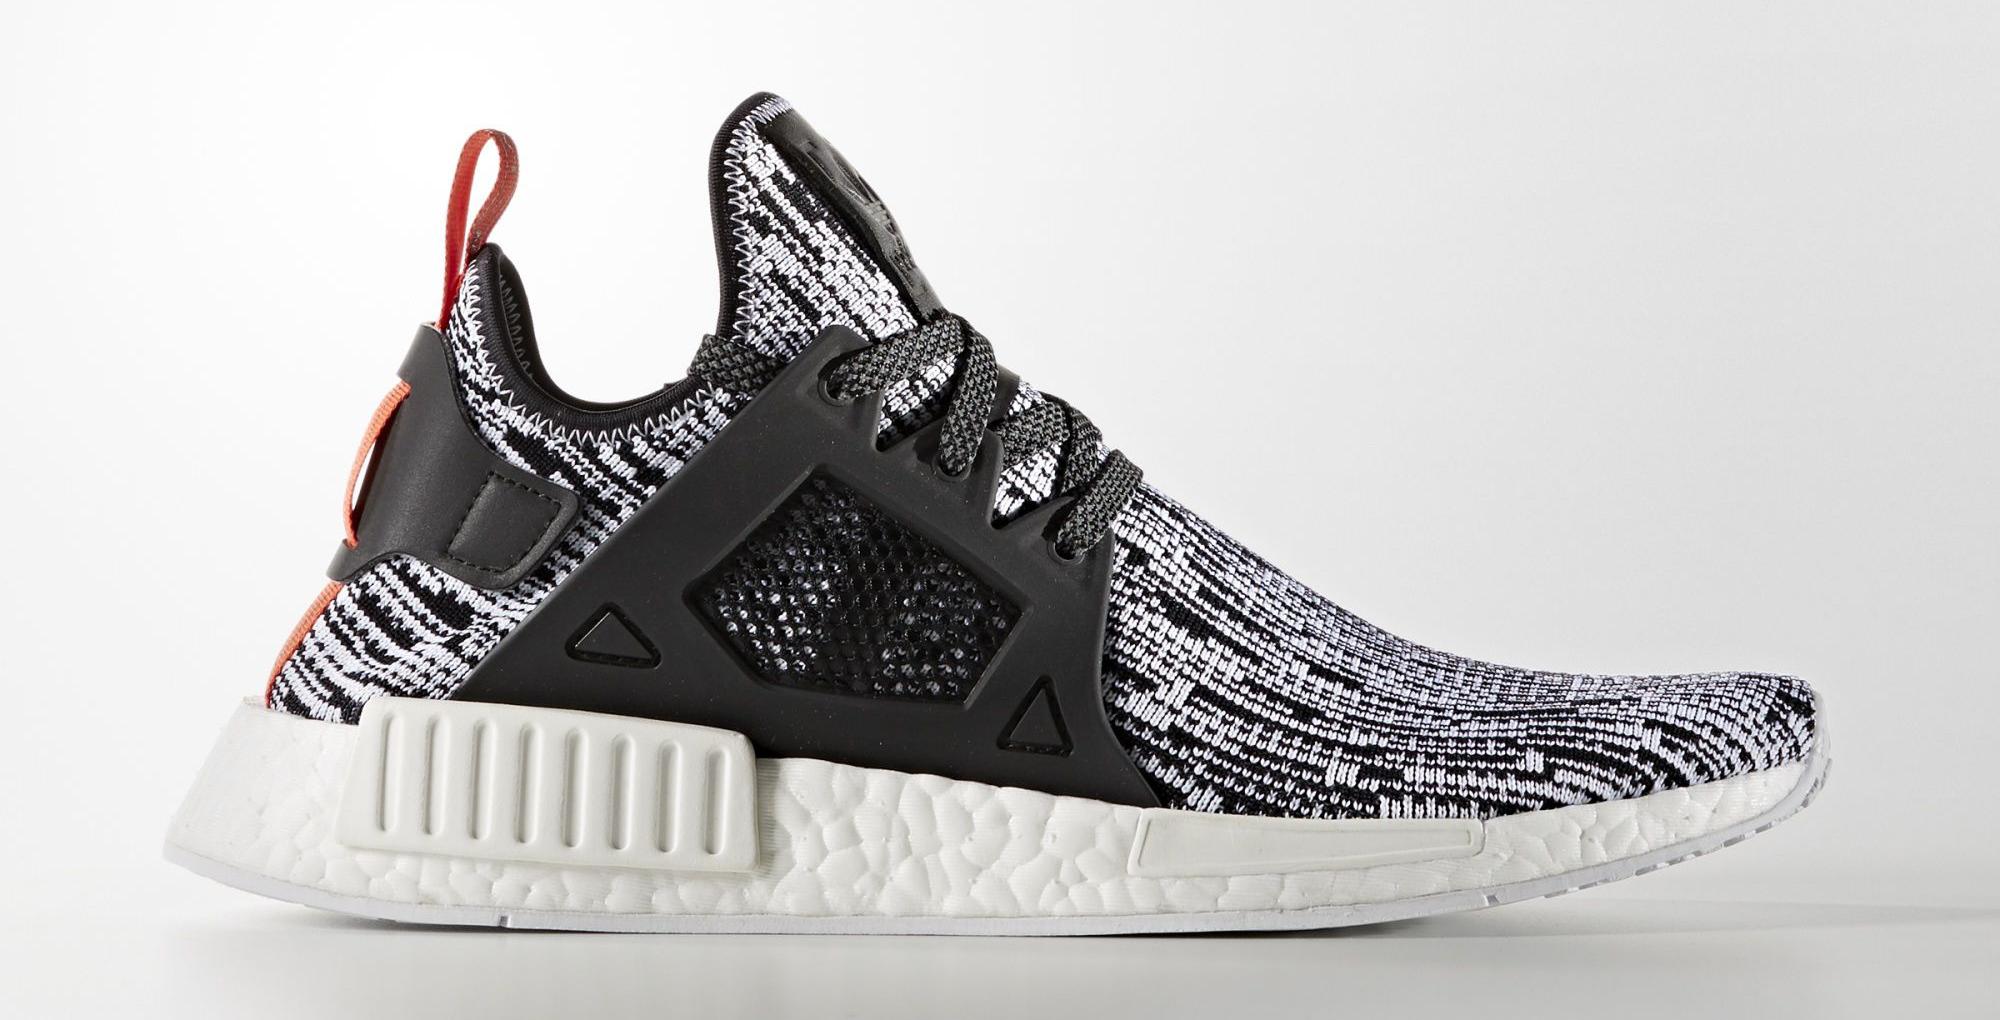 Adidas NMD XR1 Black White